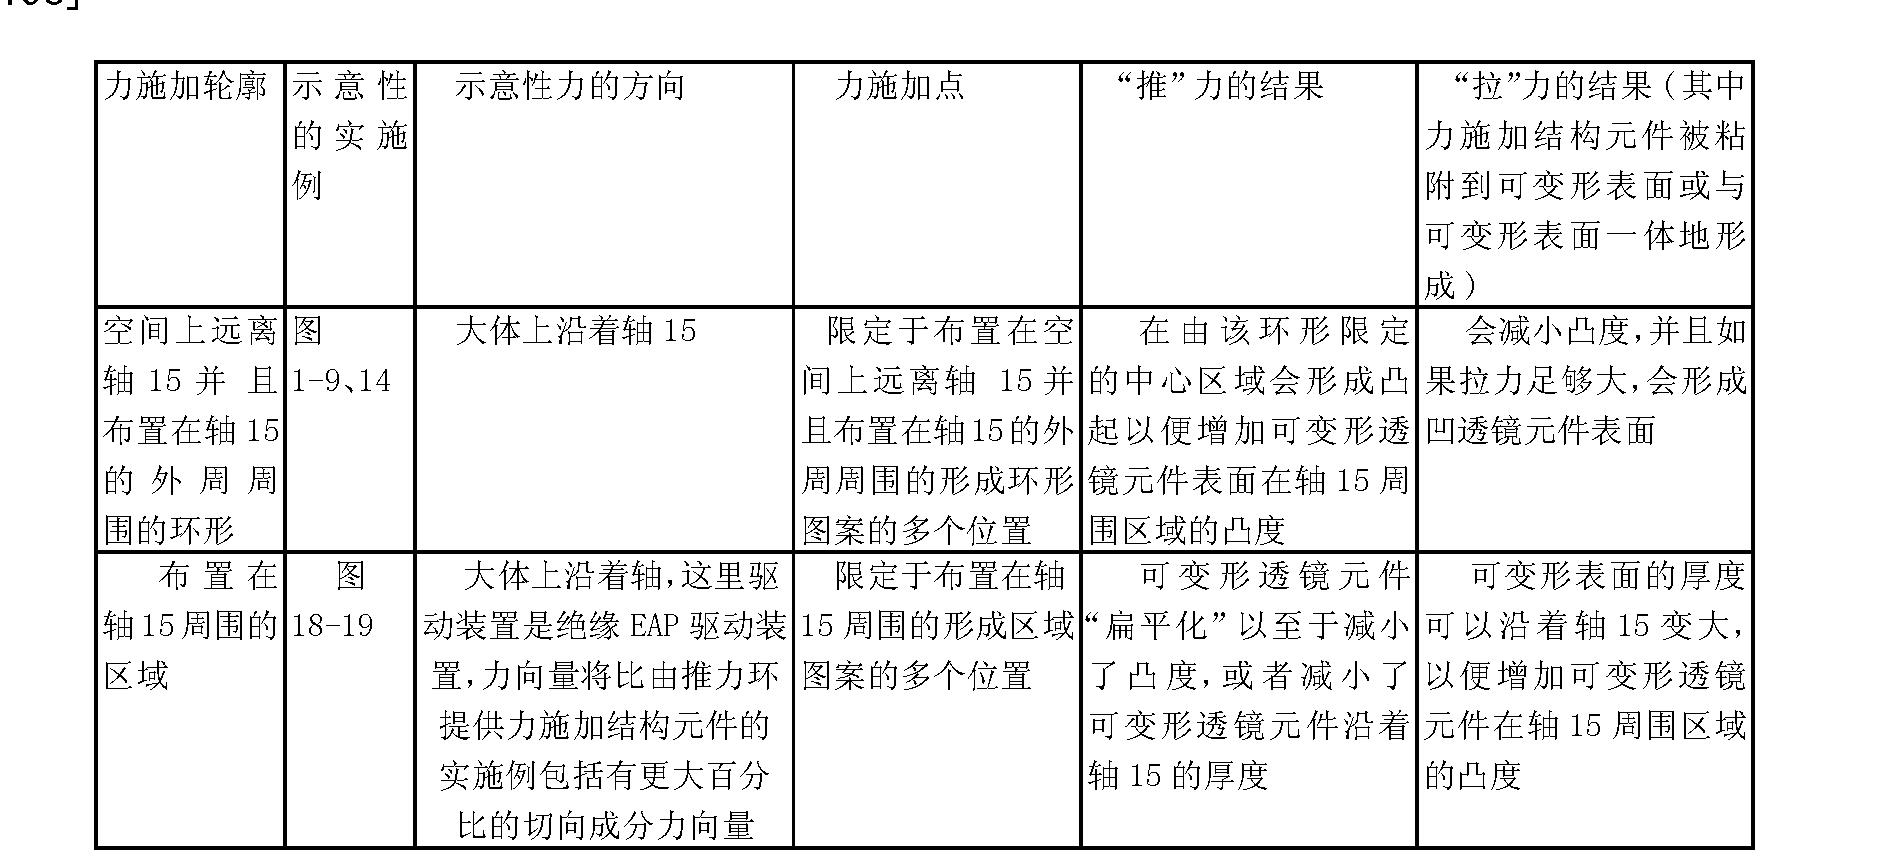 Figure CN101632030BD00221